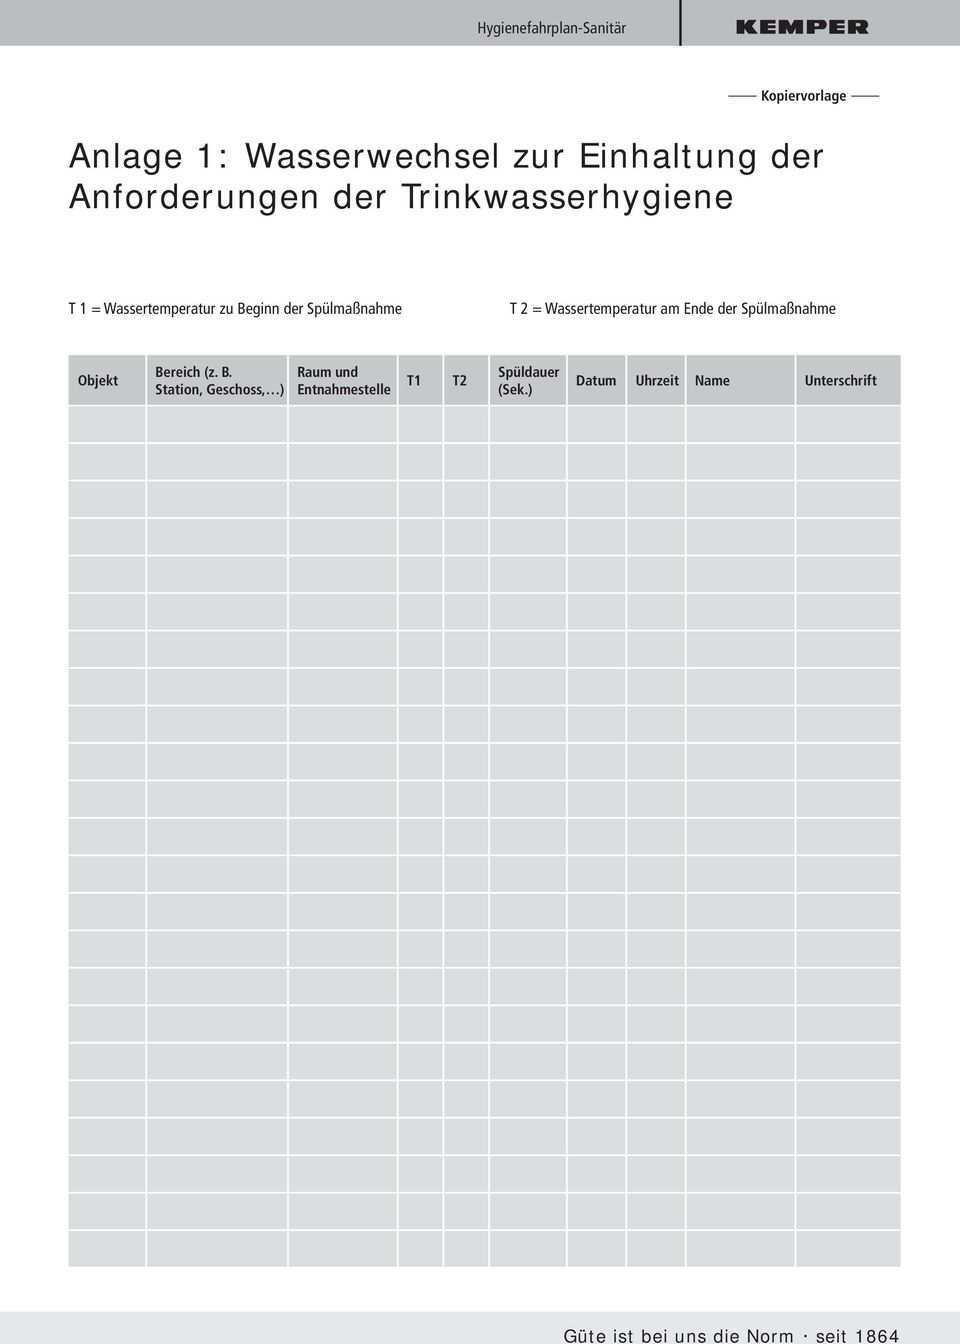 Kemper Hygienefahrplan Sanitar Pdf Kostenfreier Download